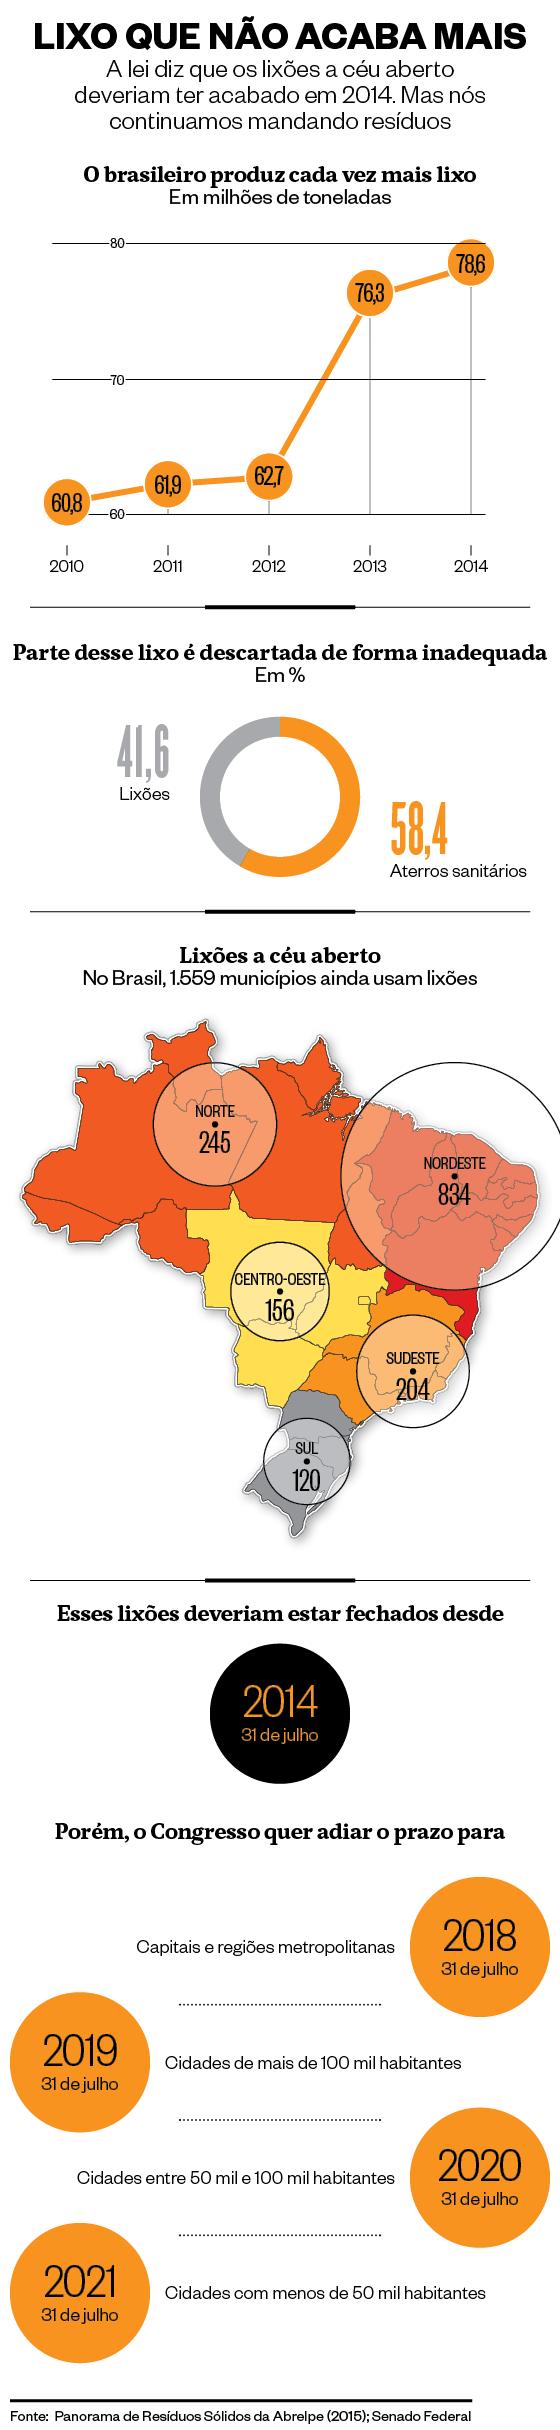 Infográfico sobre lixões a céu aberto no Brasil (Foto: Infográfico: Giovana Tarakdjian )